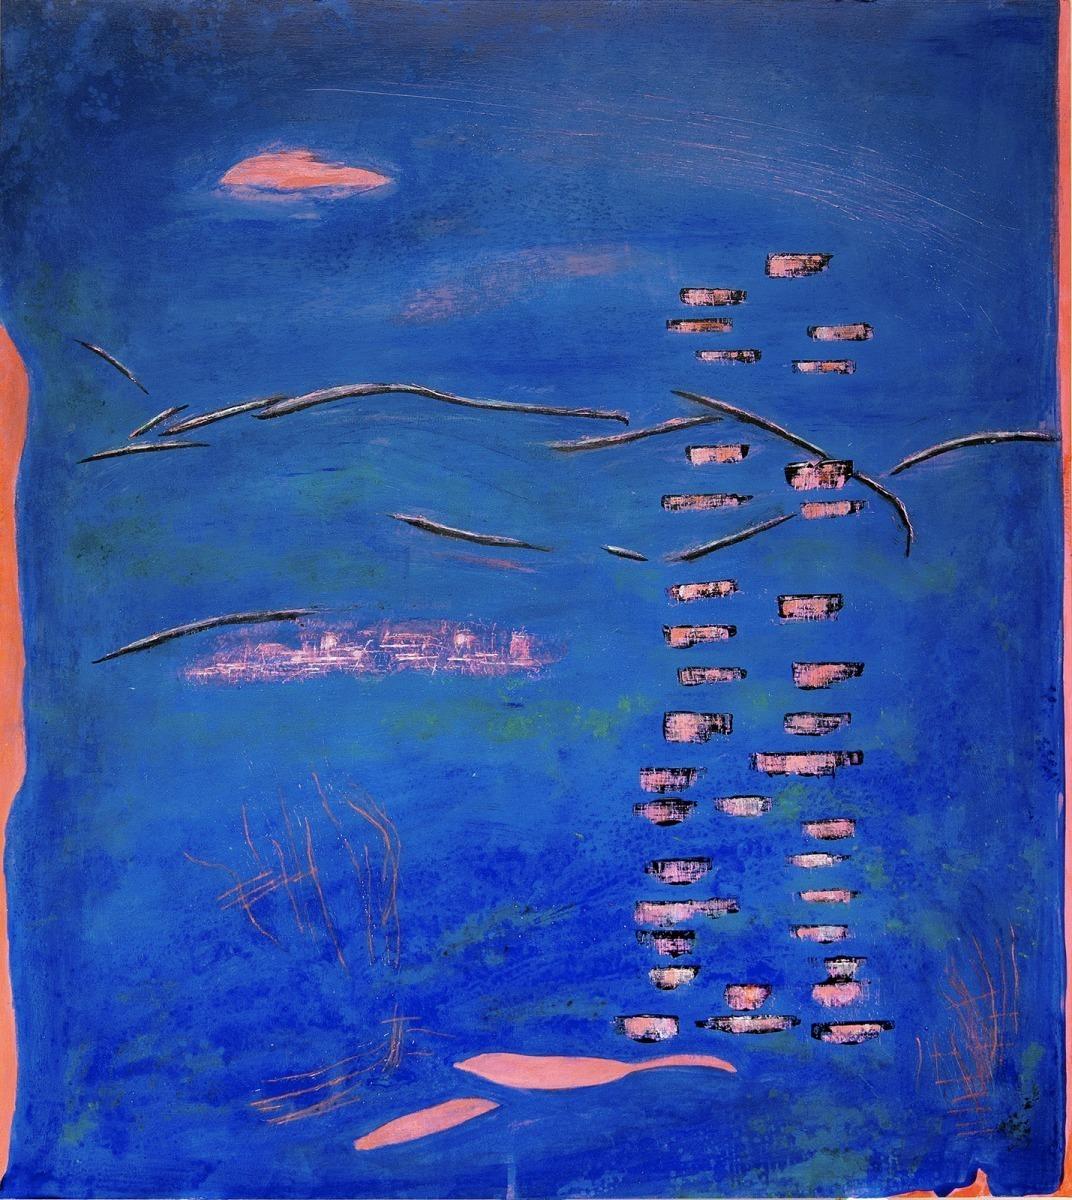 Das leise Zittern der Blätter in der Nacht, Serie Ist es das wovon Du geträumt hast// Acryl, Tusche auf Holz, 82 x 92 cm, 2020